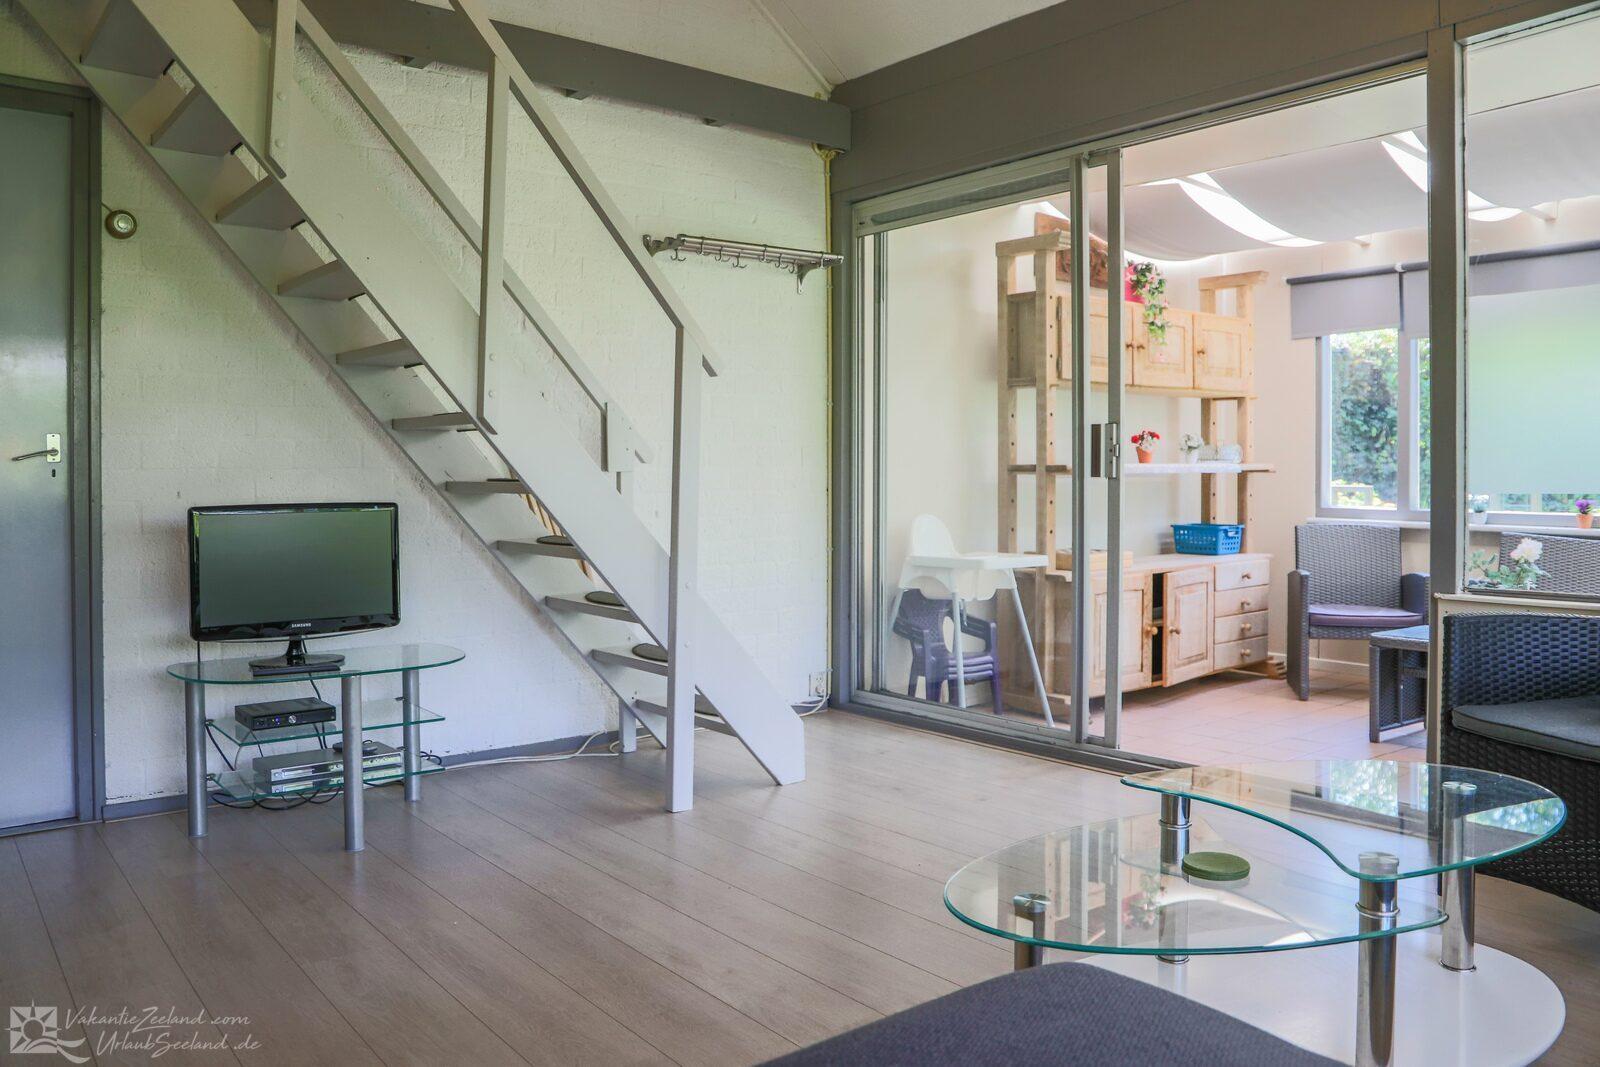 VZ671 Ferienhaus Stavenisse